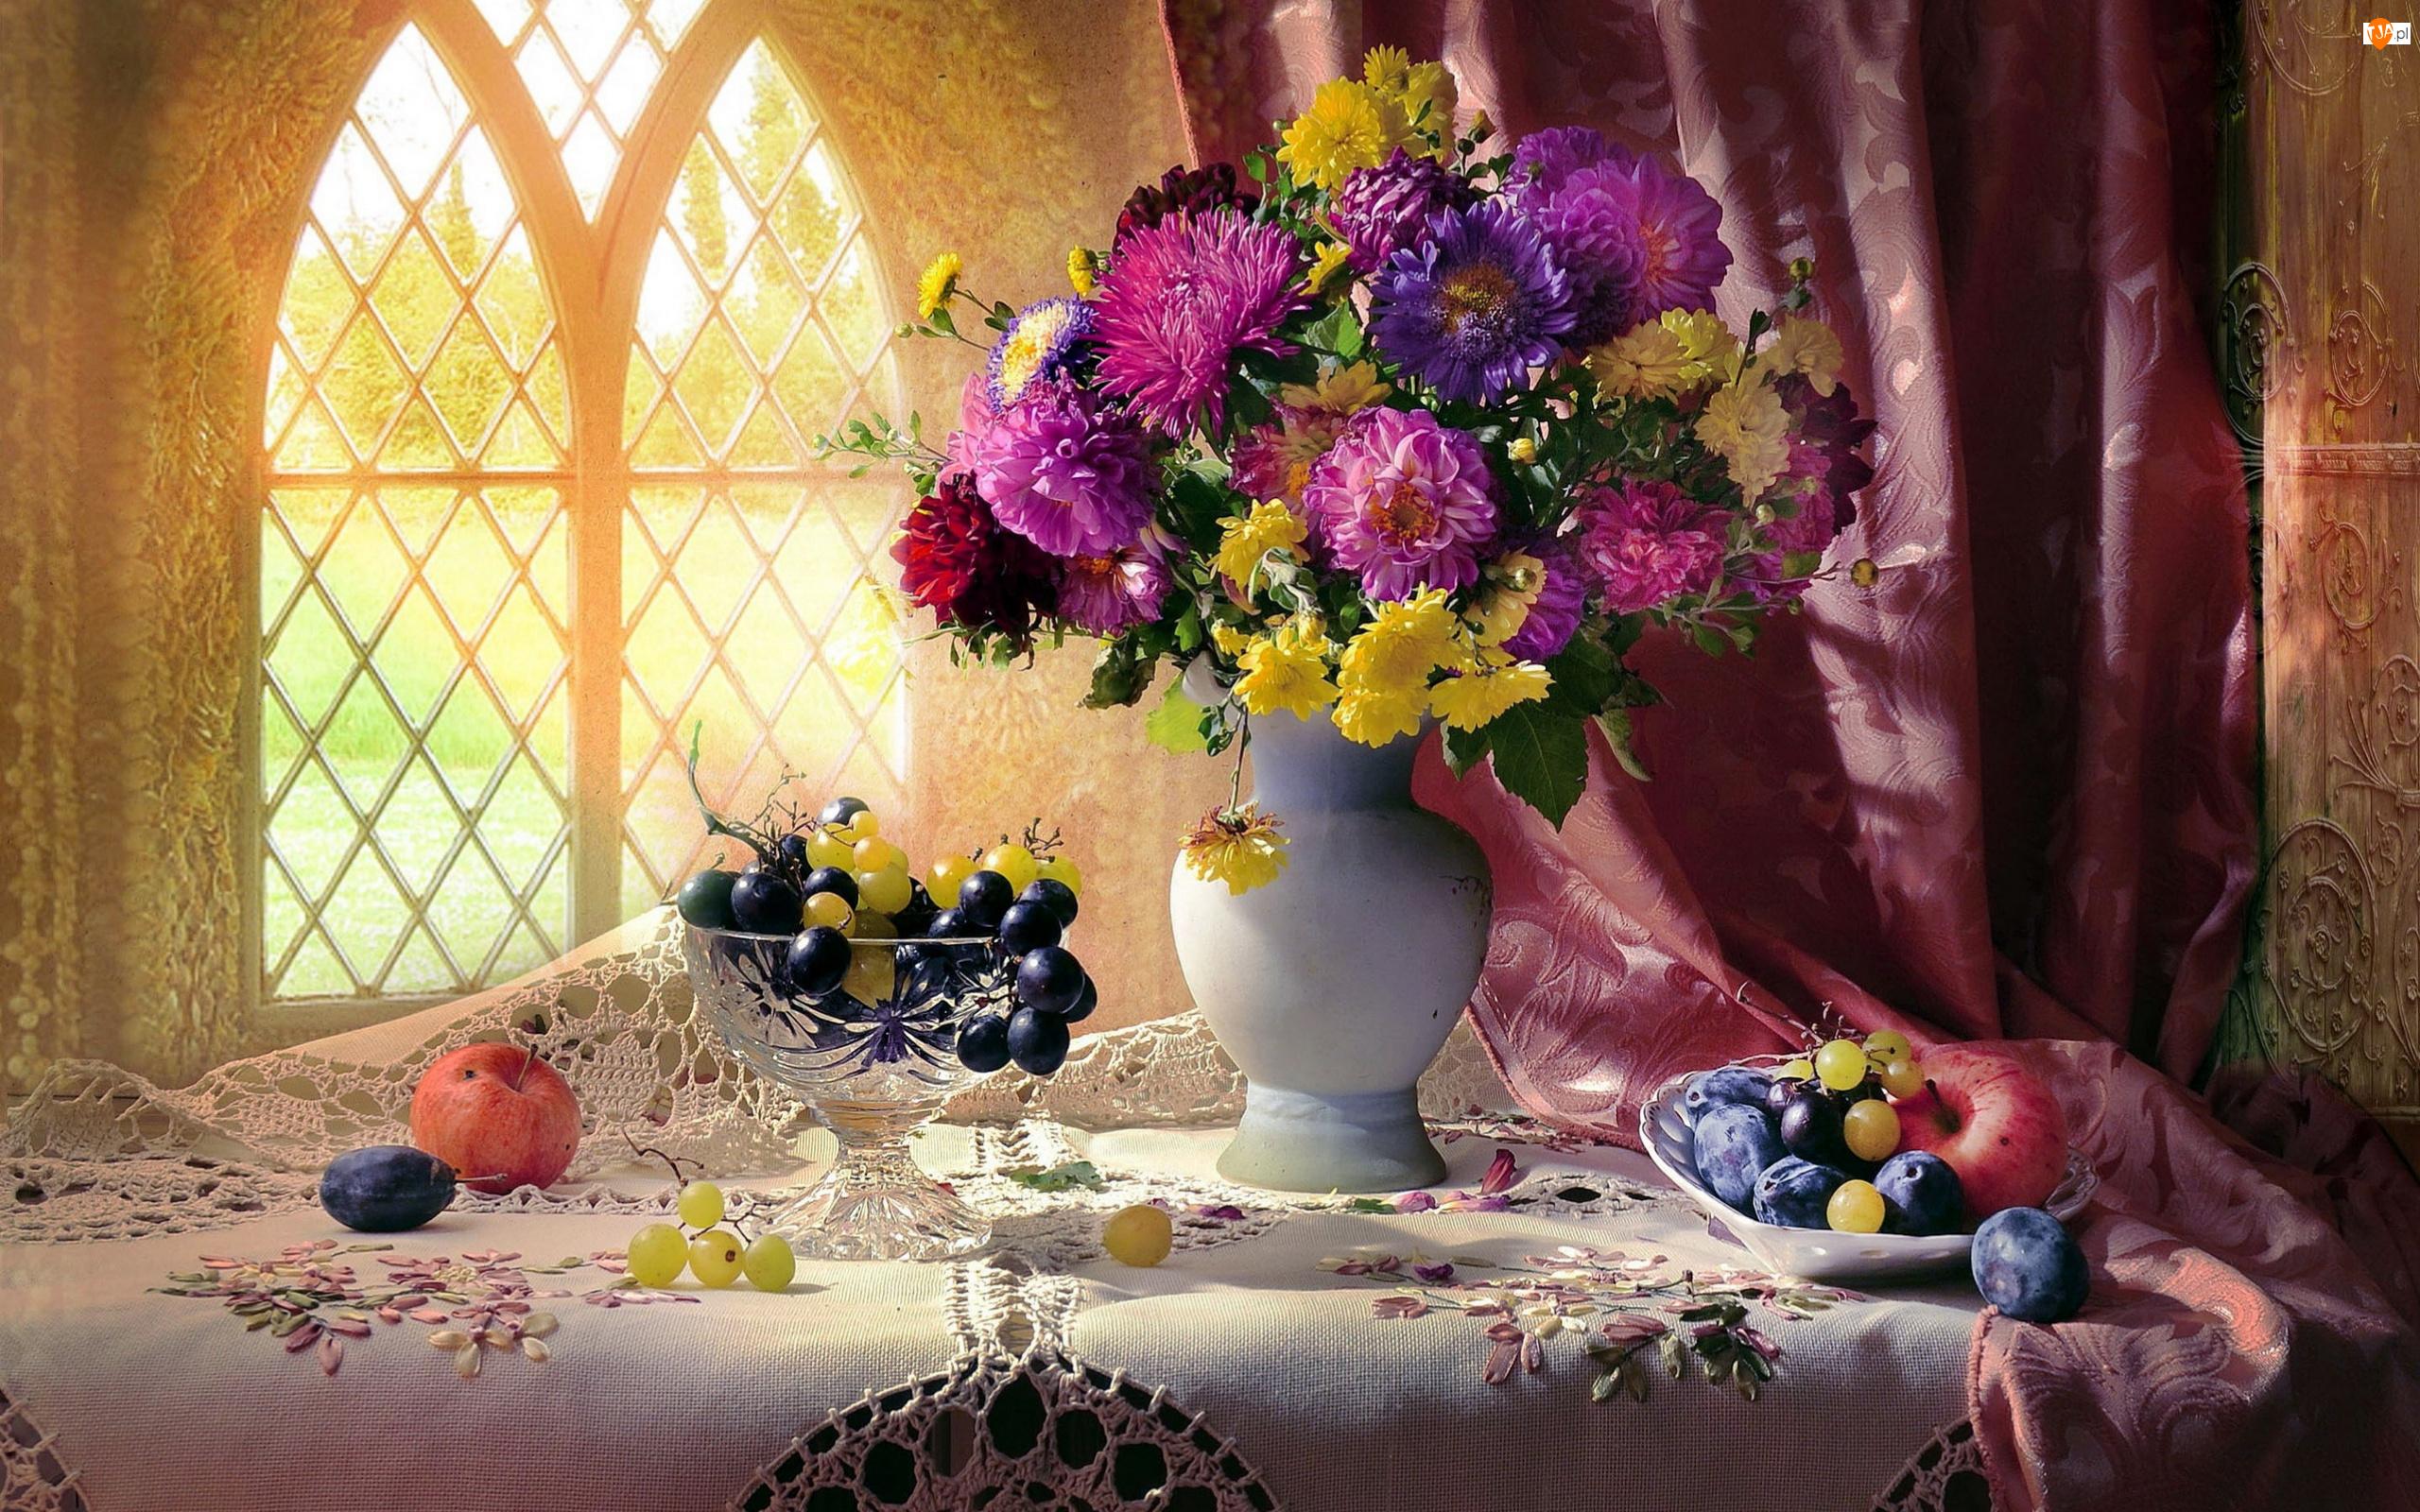 Śliwki, Bukiet, Owoce, Jabłka, Astry, Winogrona, Okno, Chryzantemy